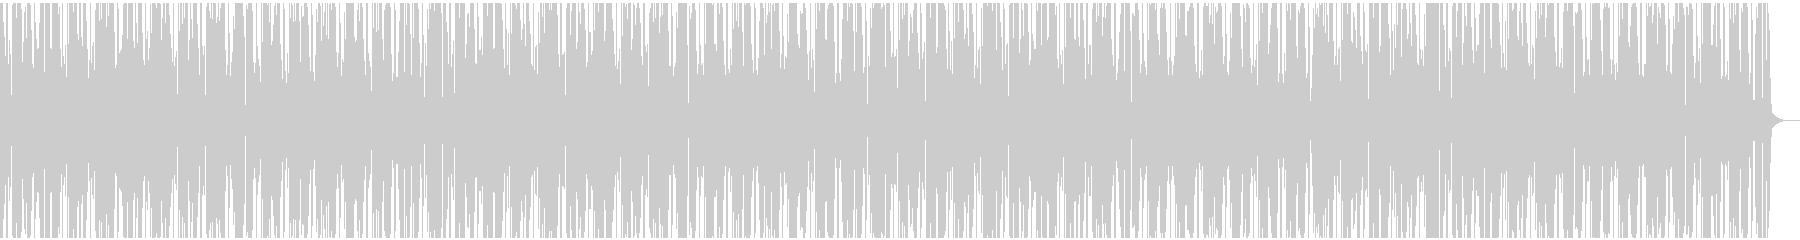 ブレイクビーツ多用のHiphop風の未再生の波形